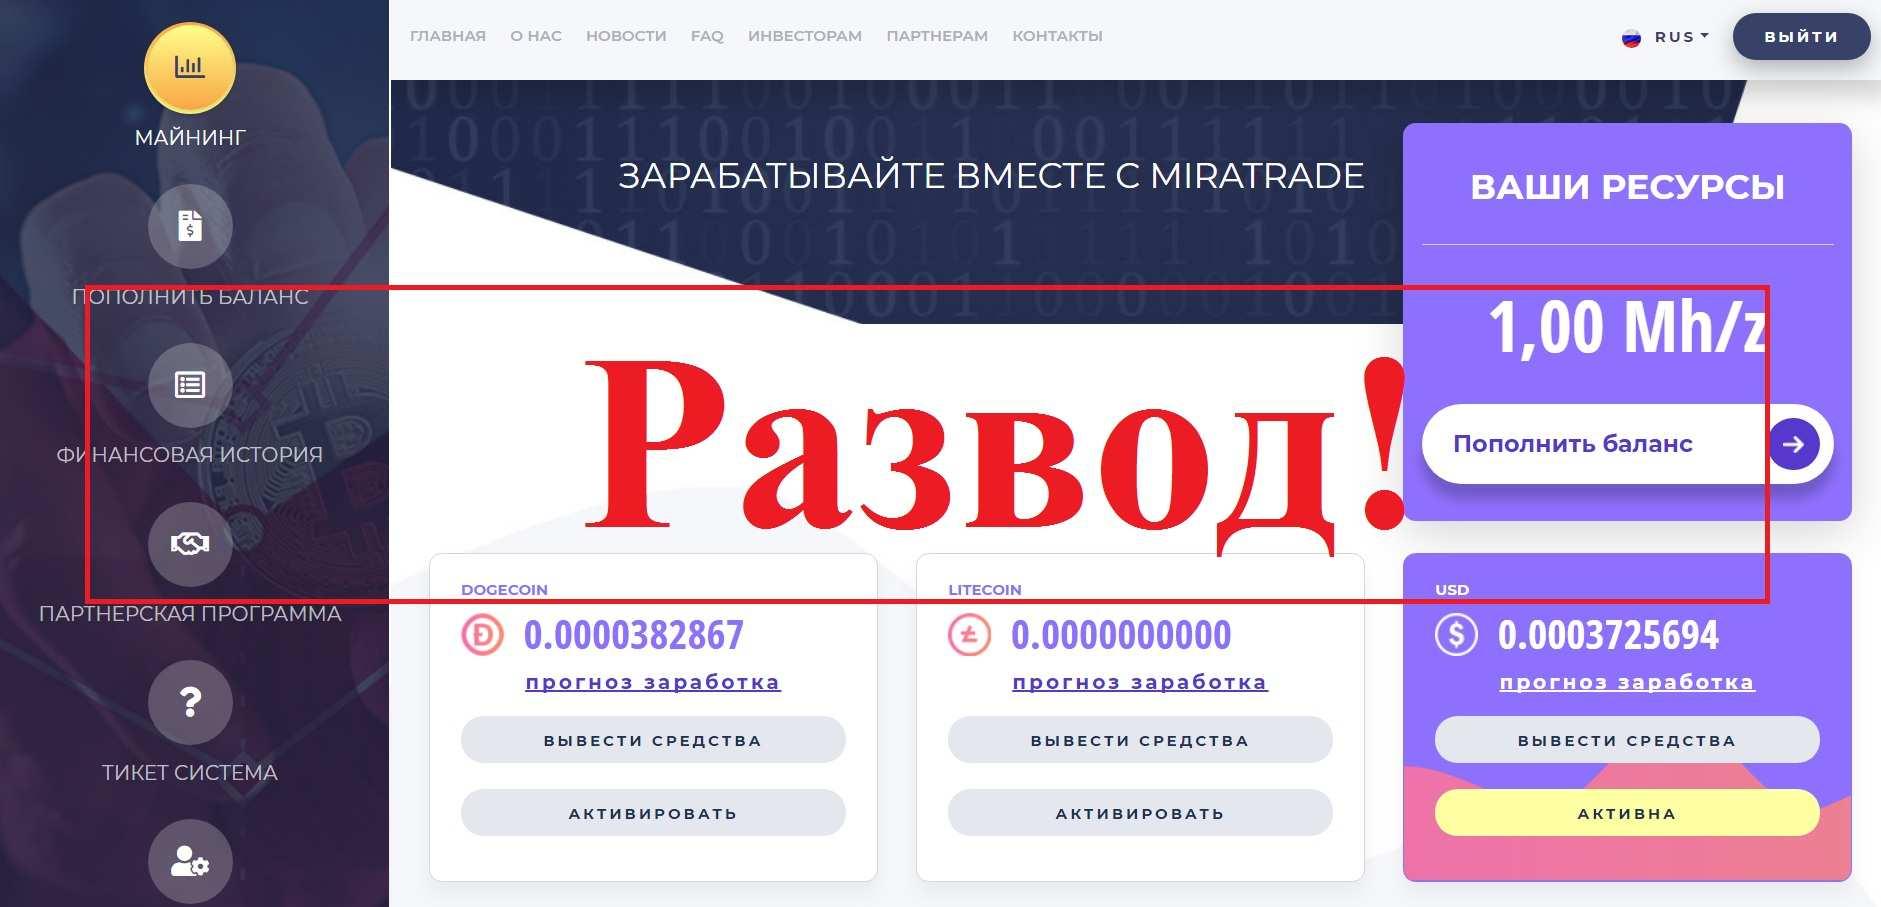 Miratrade – отзывы о проекте miratrade.biz